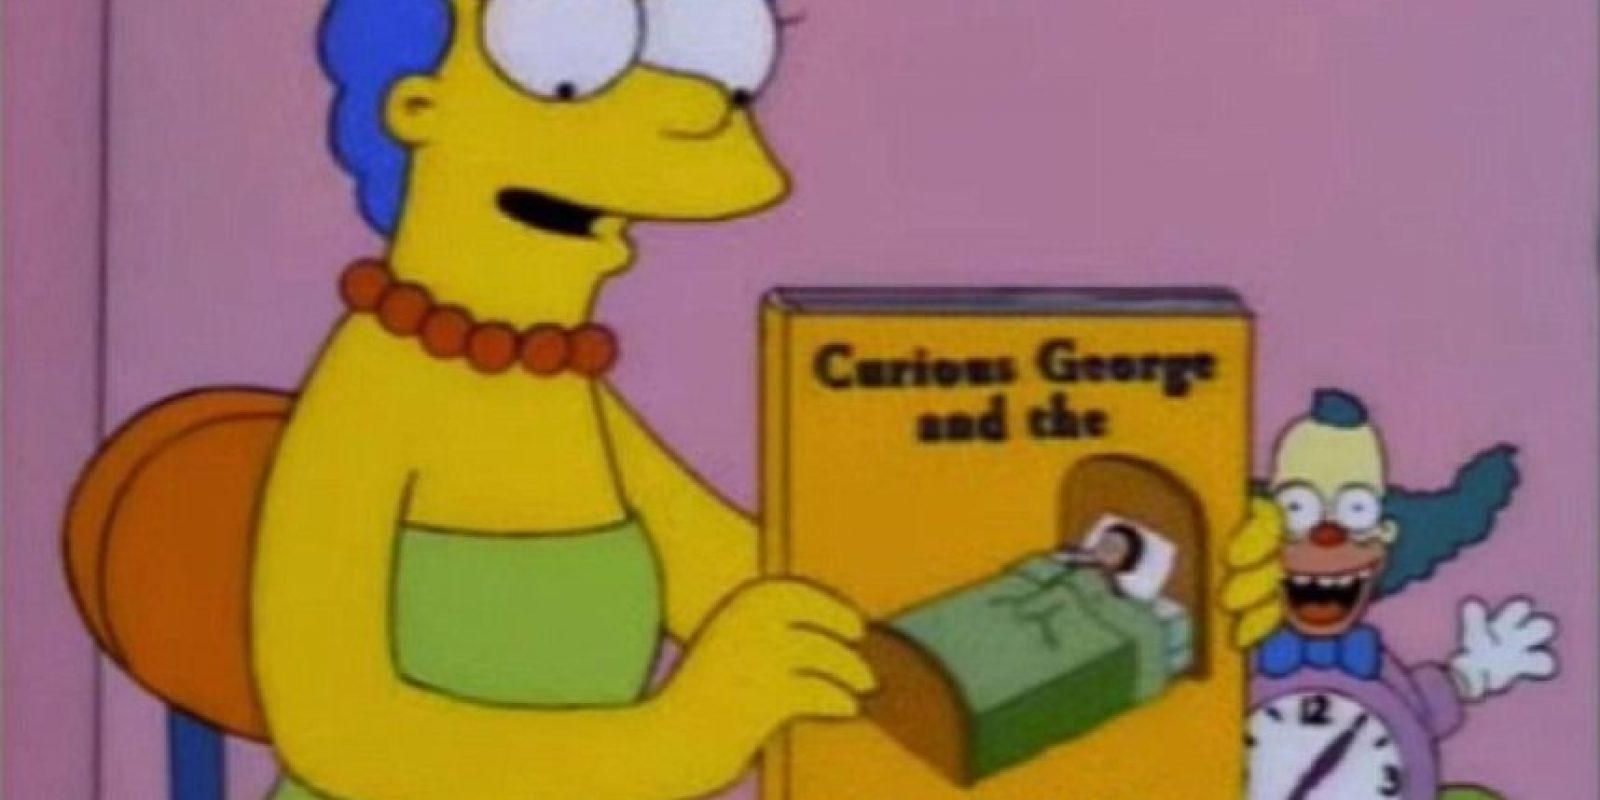 """En 1997, durante el episodio """"El saxo de lisa"""", Marge se acerca a Bart y le muestra un libro llamado """"George el curioso y el virus del Ebola"""". Años más tarde se presentó una epidemia en África Foto:Fox"""